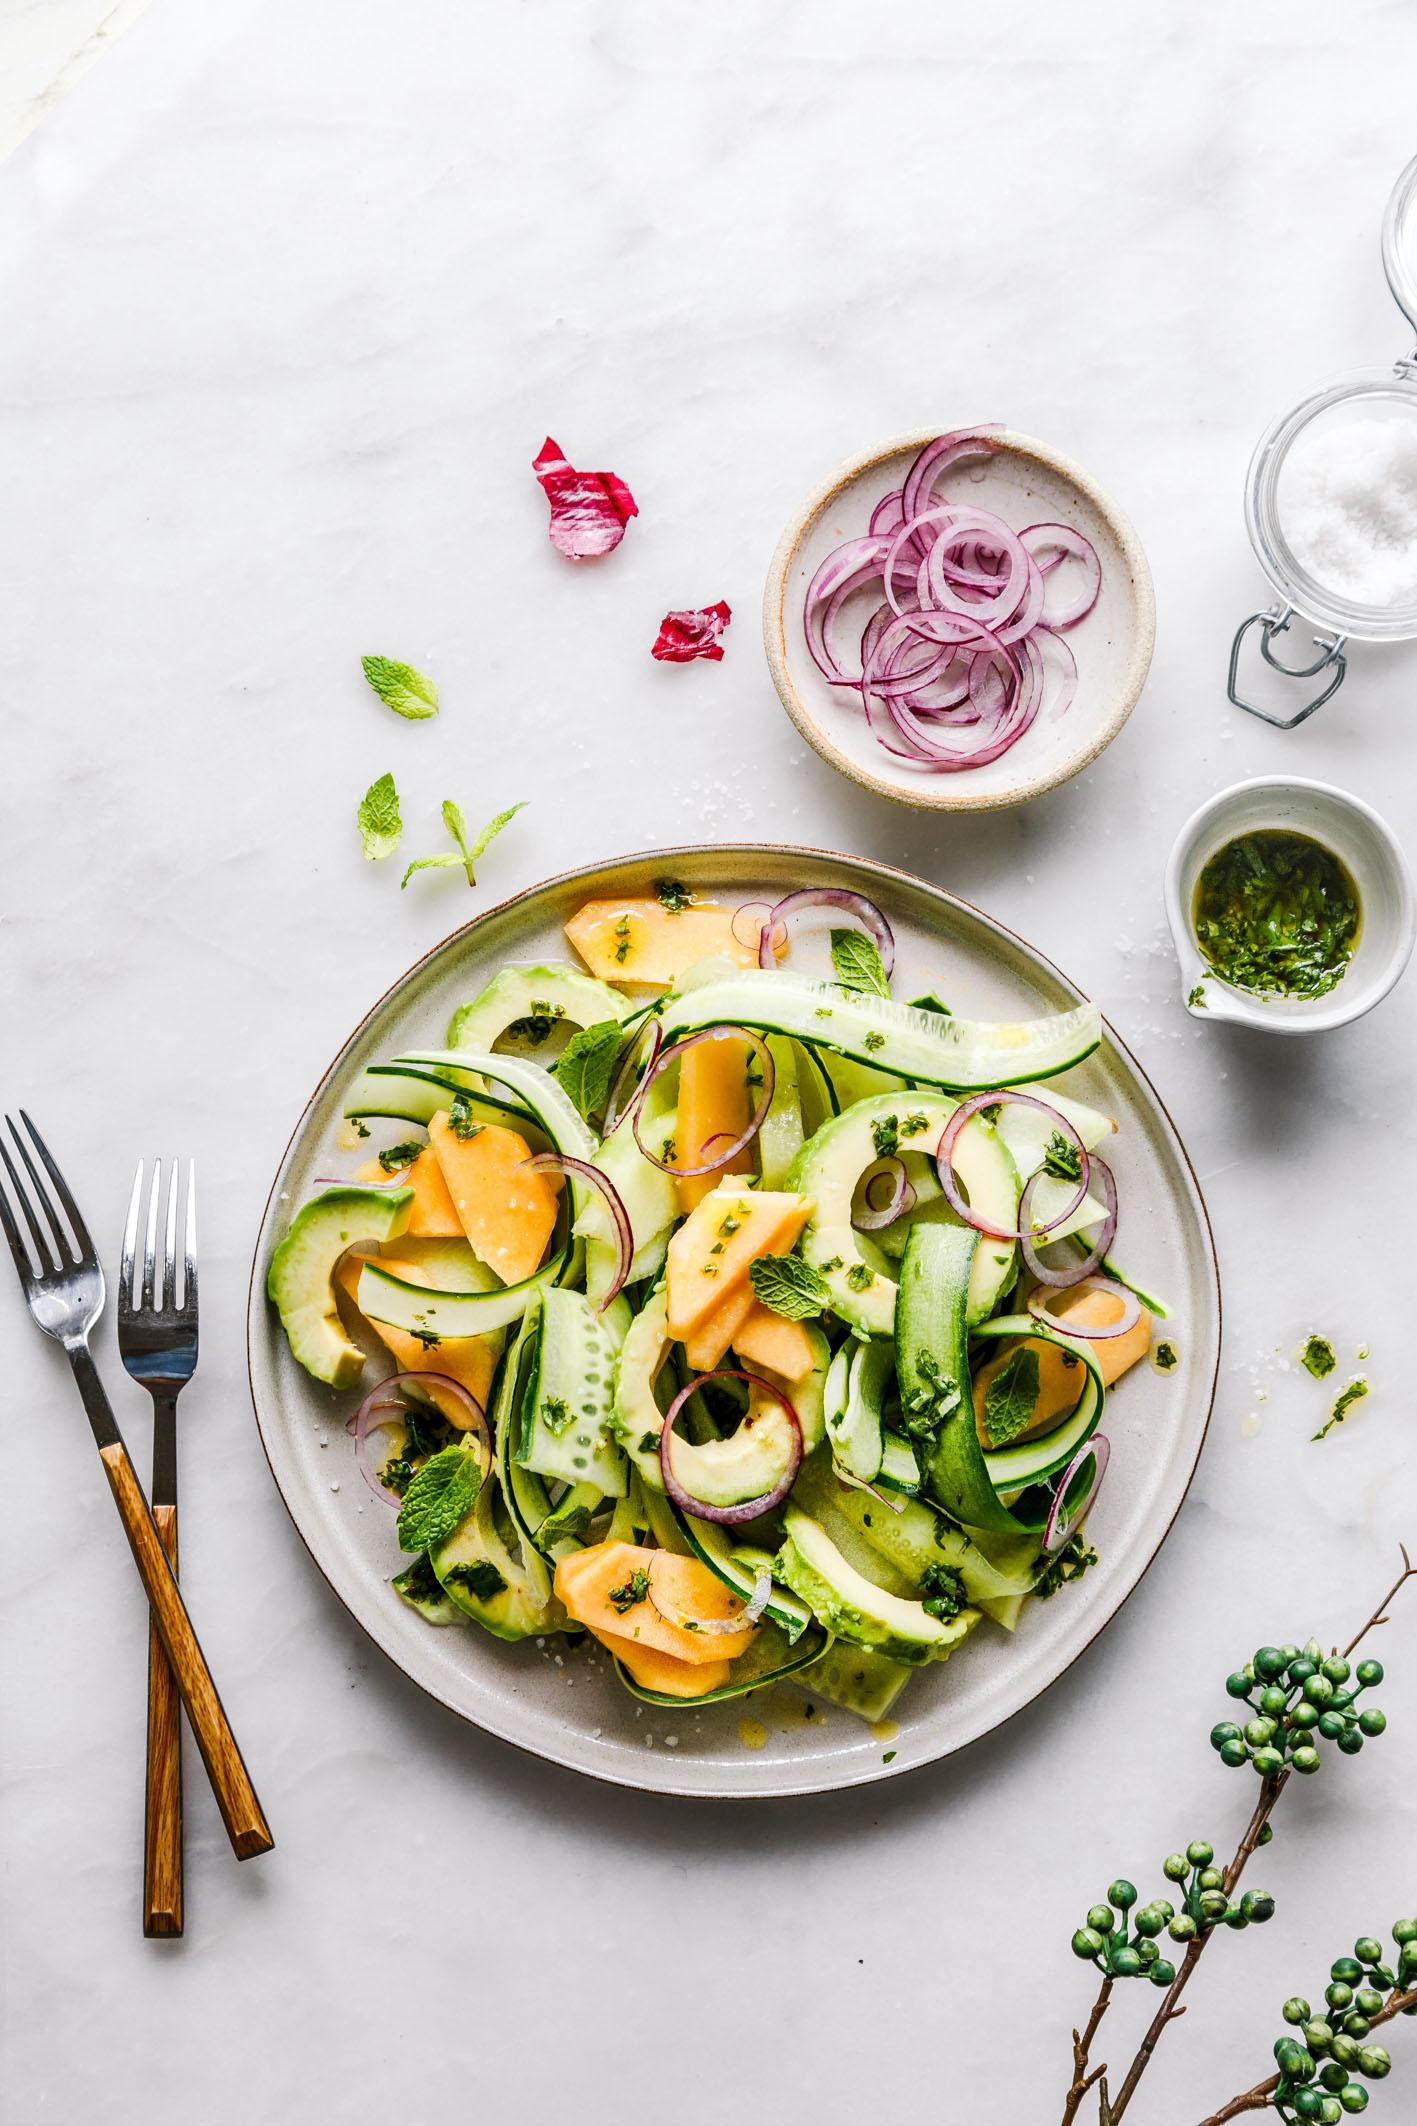 Melonen-Gurken-Salat auf Teller mit Besteck und roten Zwiebeln